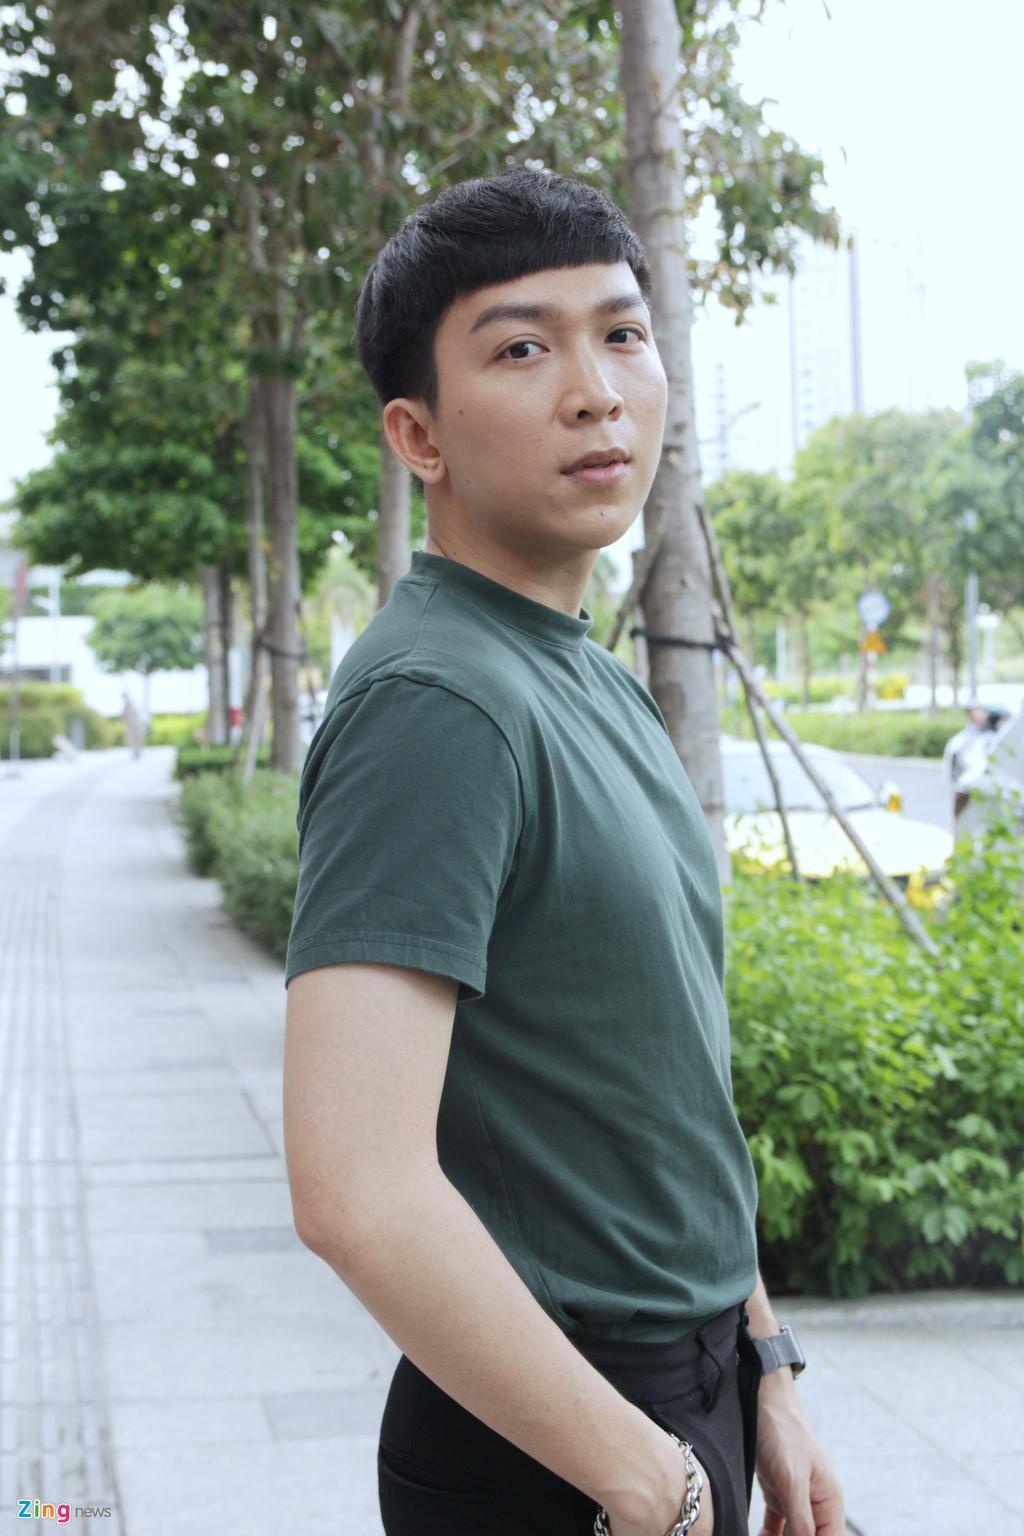 'Anh Tuan Hung noi dung nhung khong phai ai cover cung la luoi bieng' hinh anh 3 3_zing.jpeg